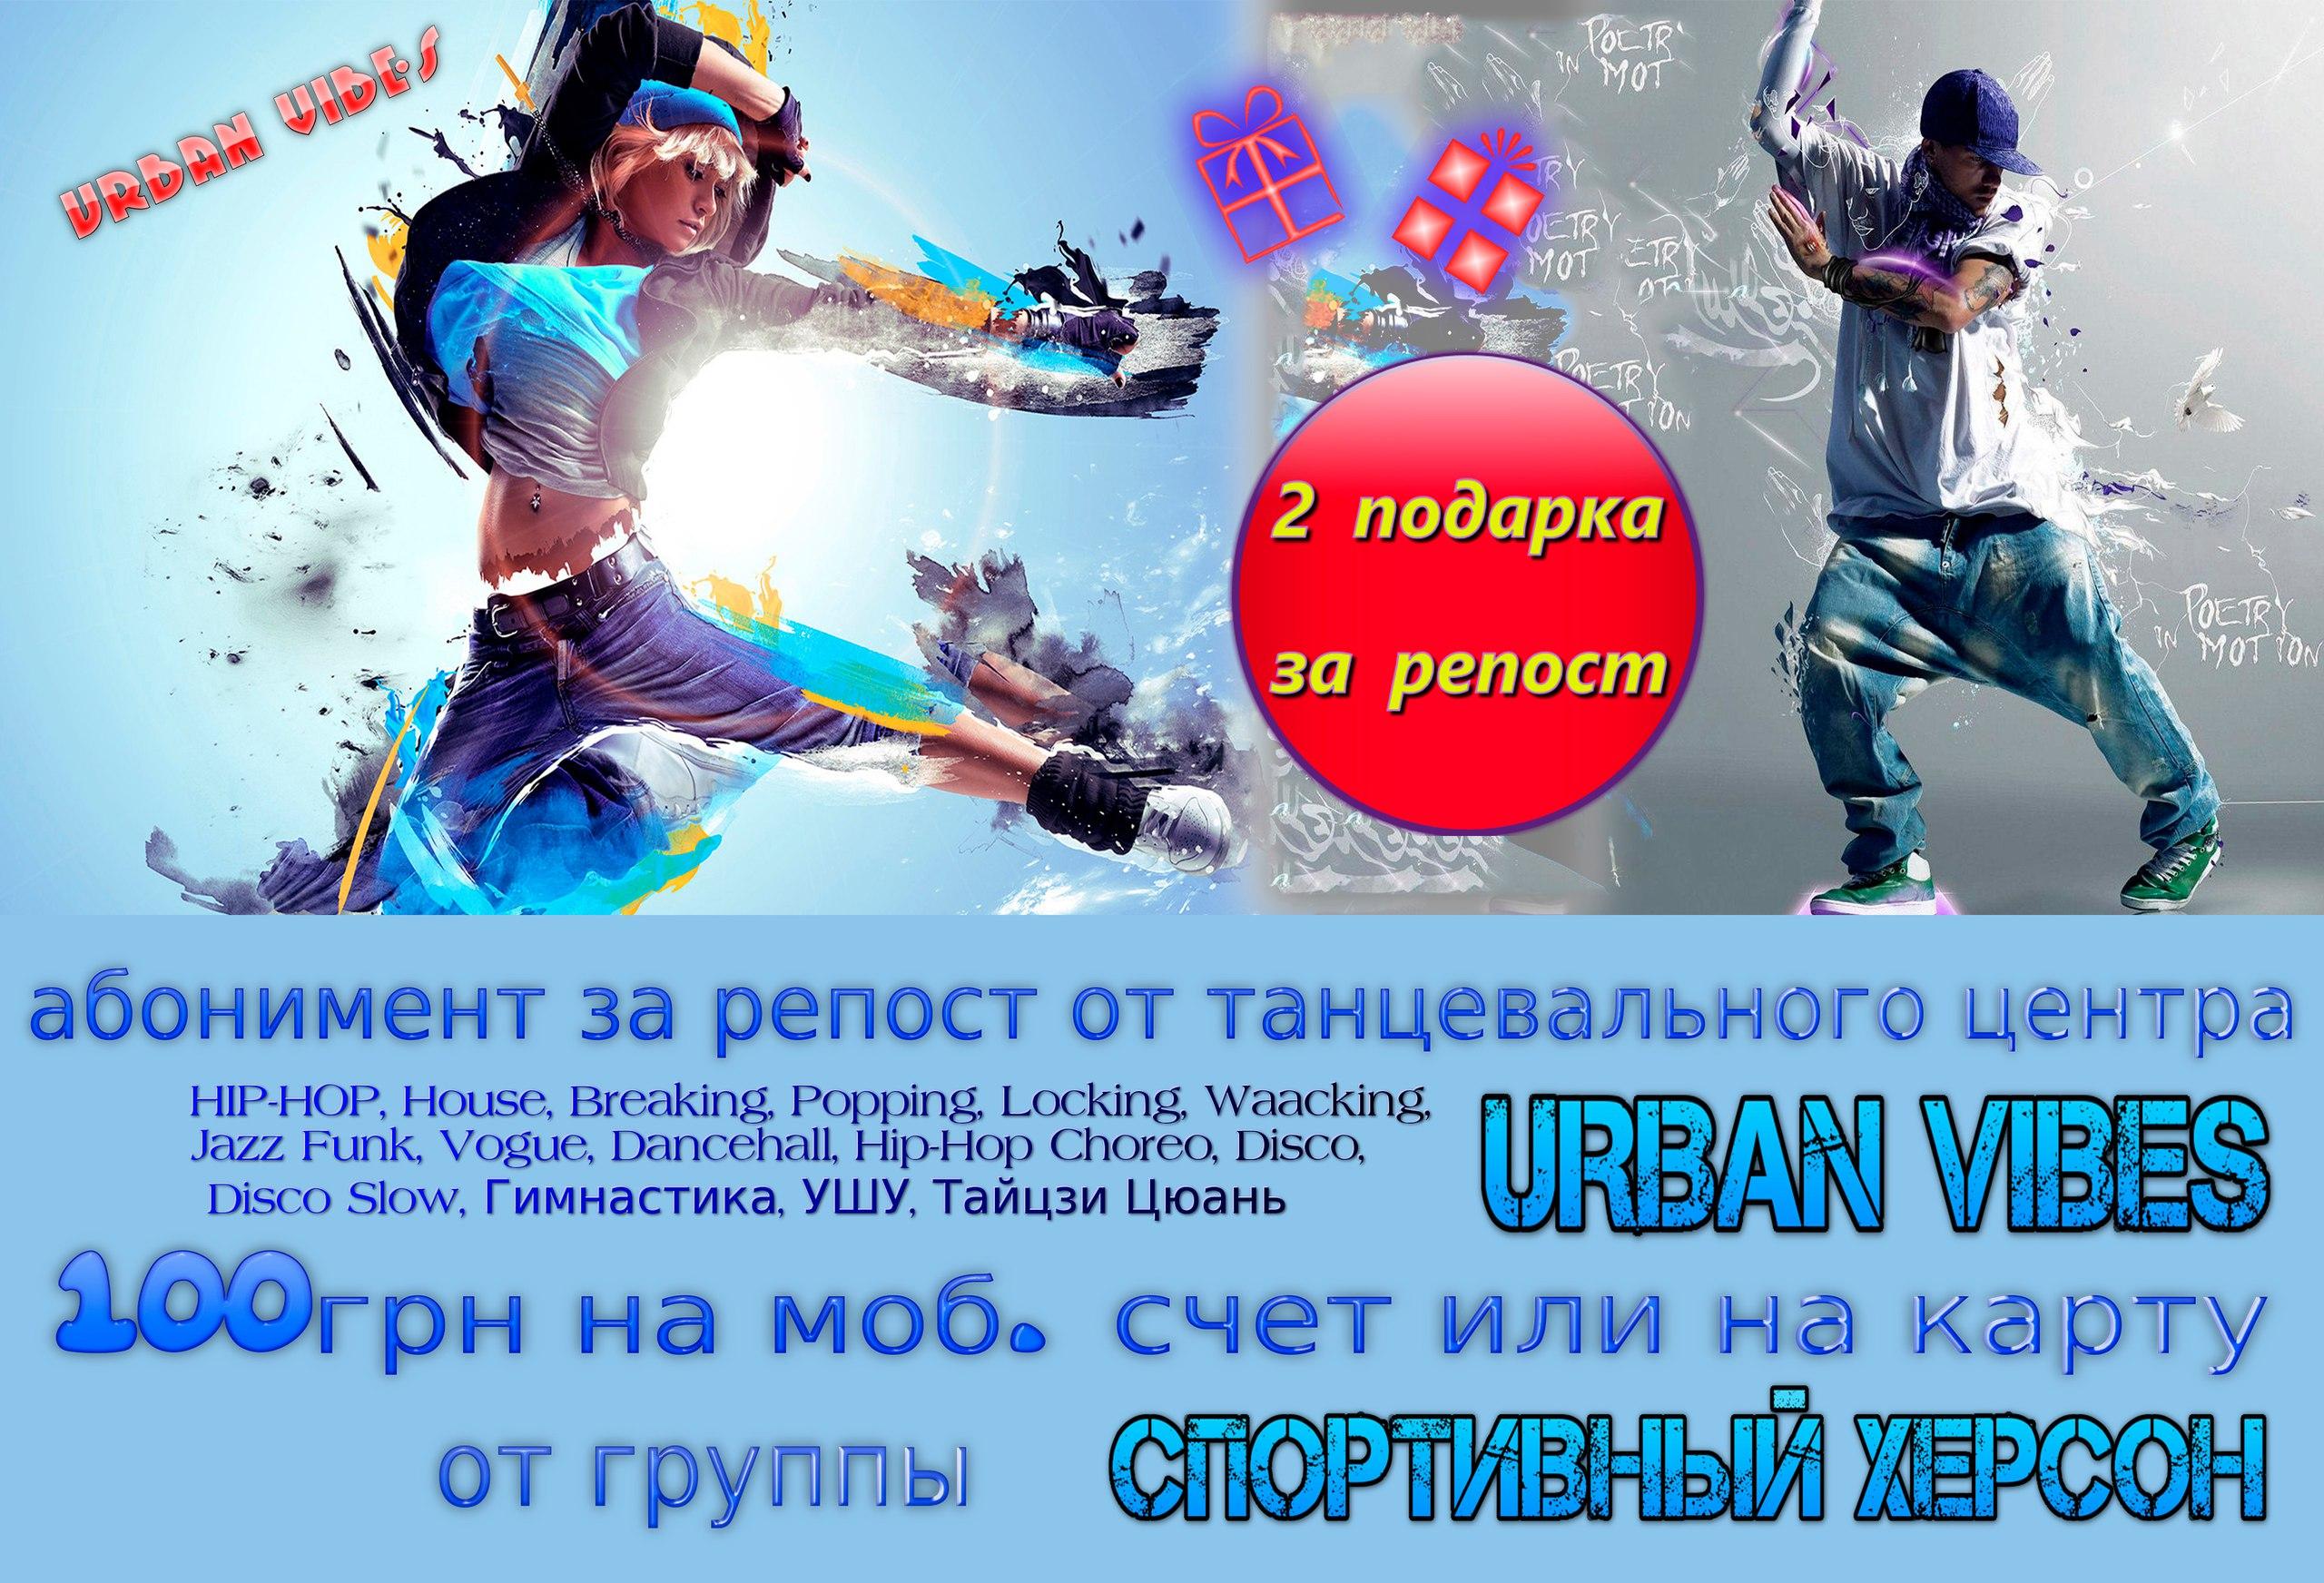 https://pp.vk.me/c604322/v604322504/3b4f1/7IuRSpLxKNM.jpg